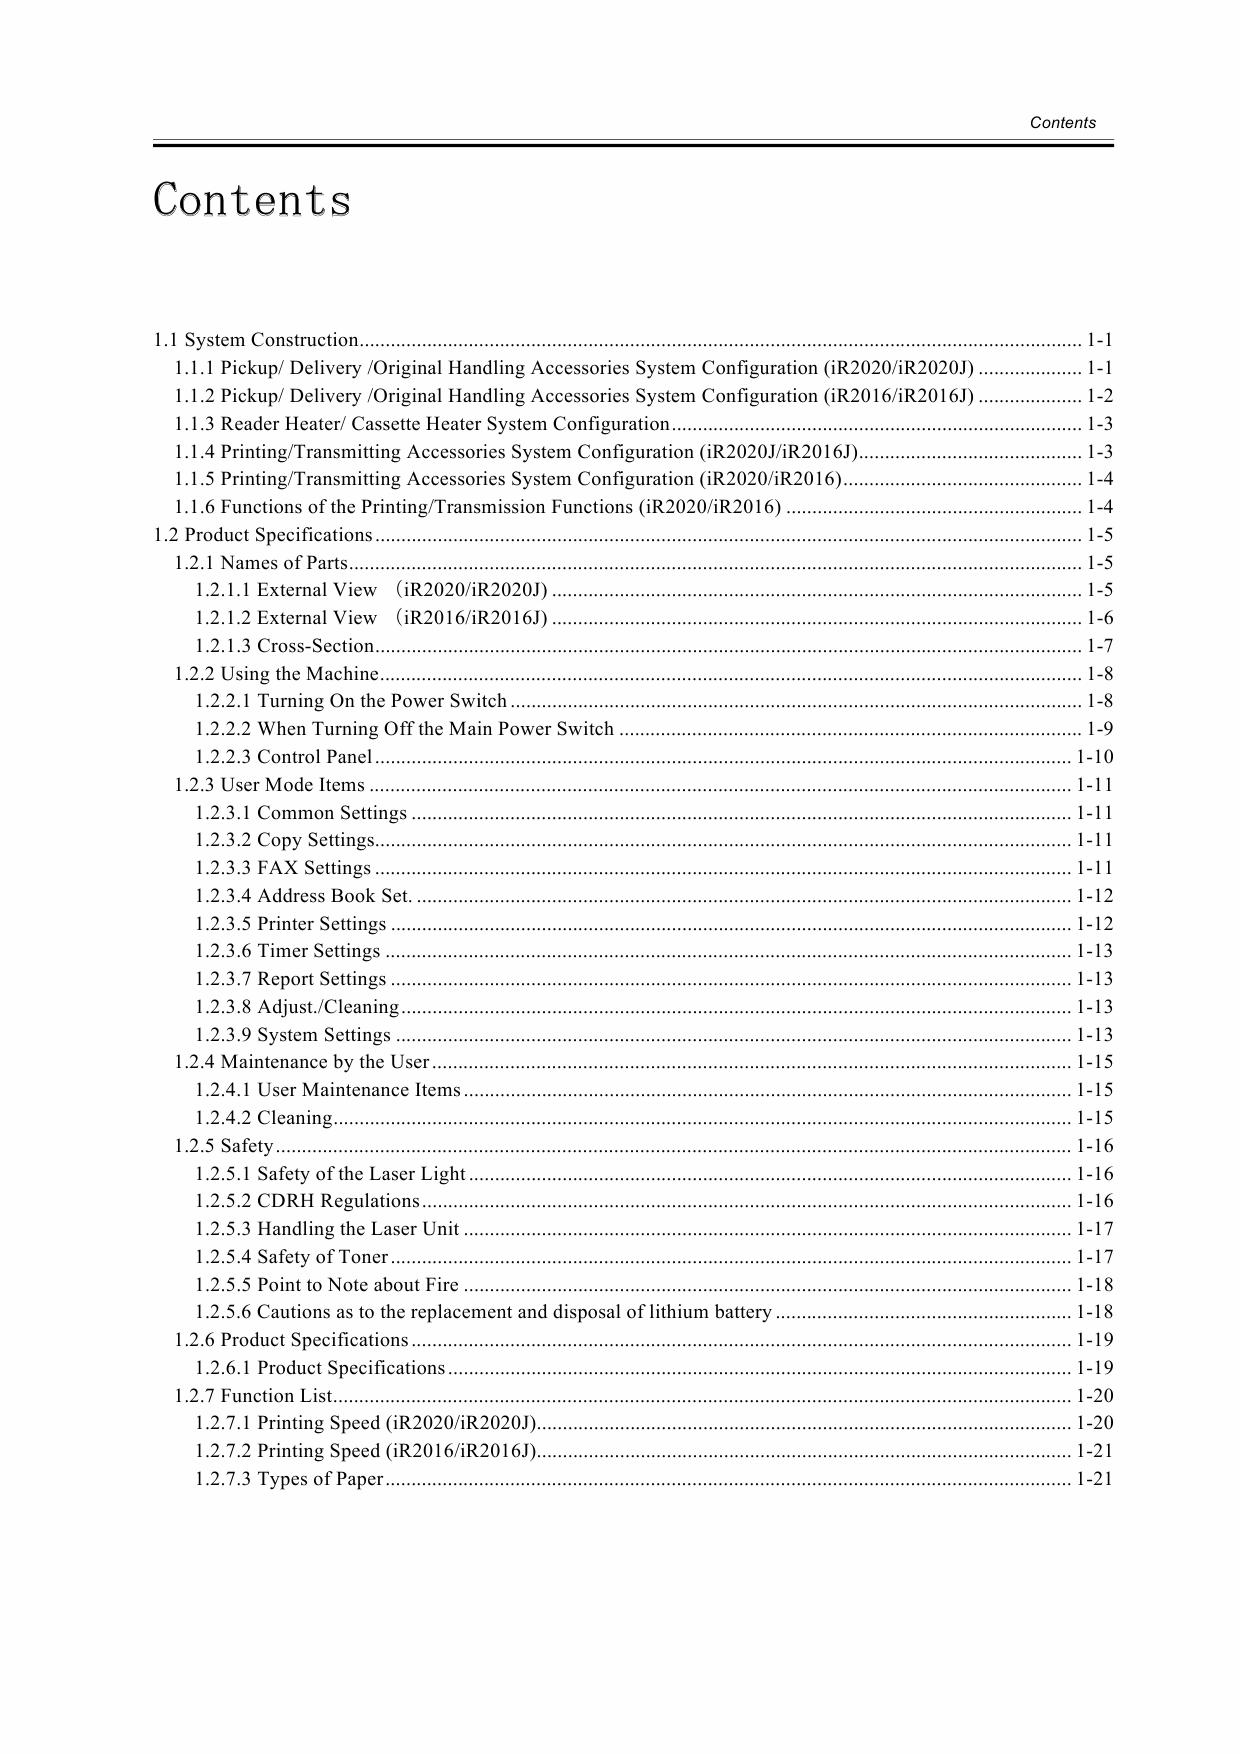 Canon imageRUNNER-iR 2020 2016 J Service Manual-2